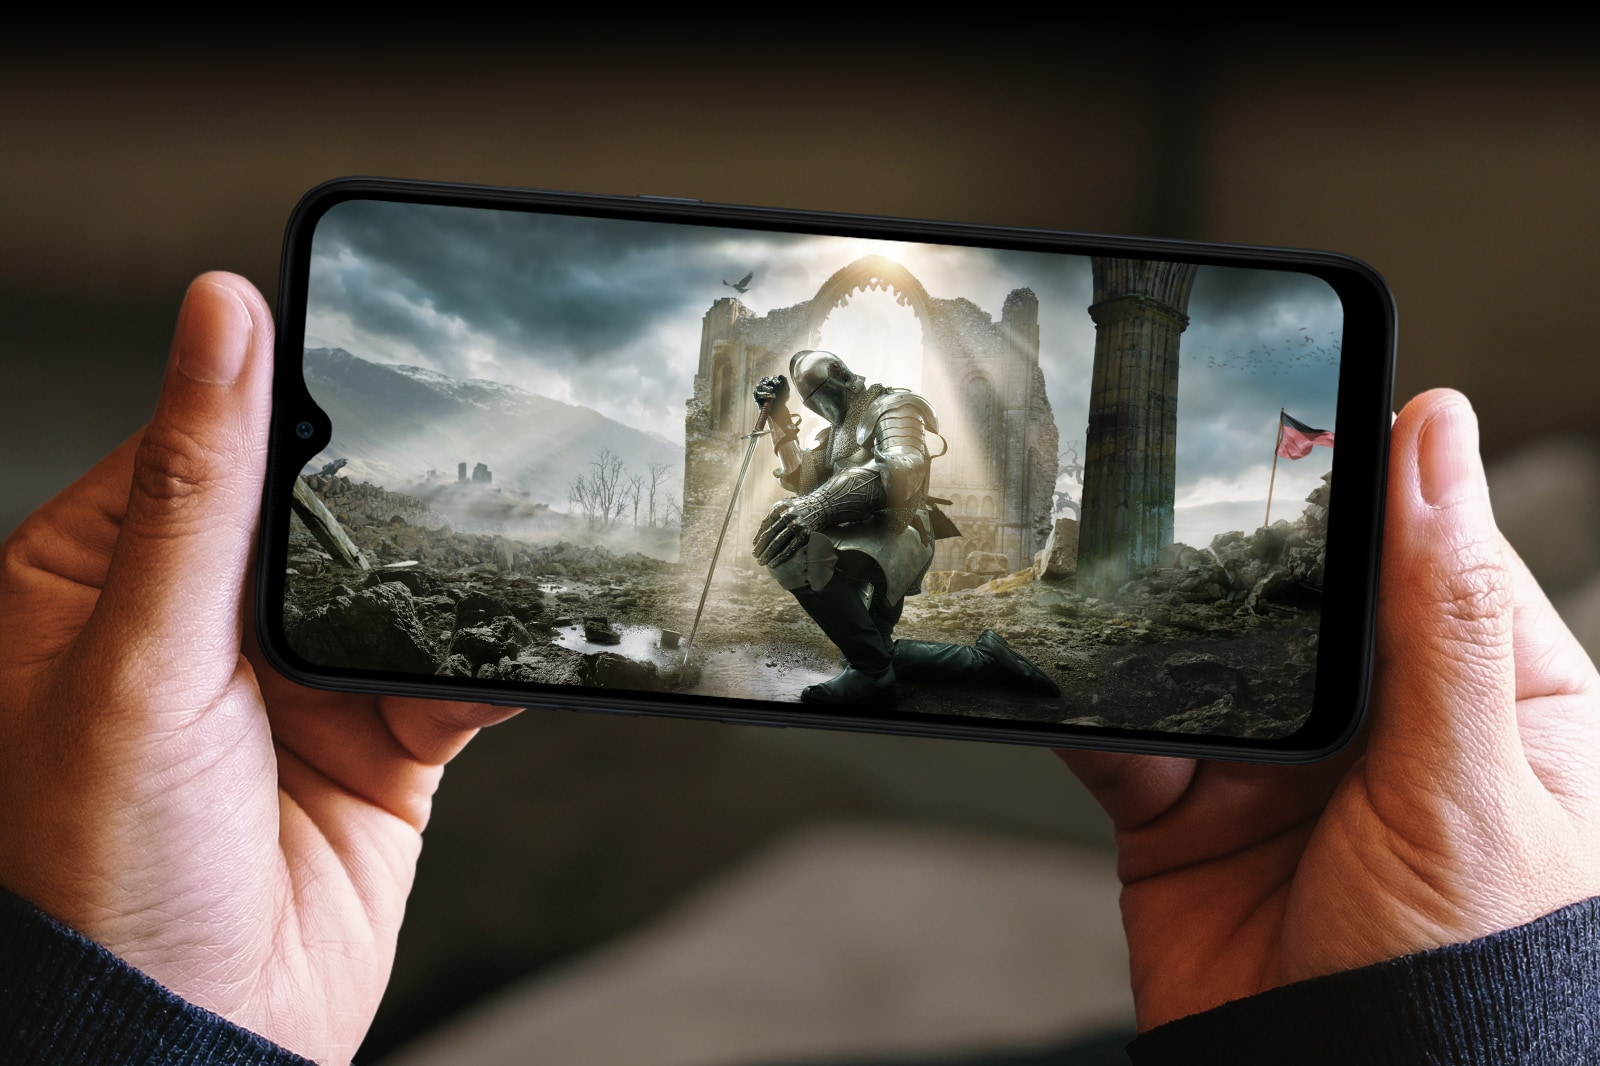 Mulher segurando um smartphone com as duas mãos e assistindo a um filme medieval